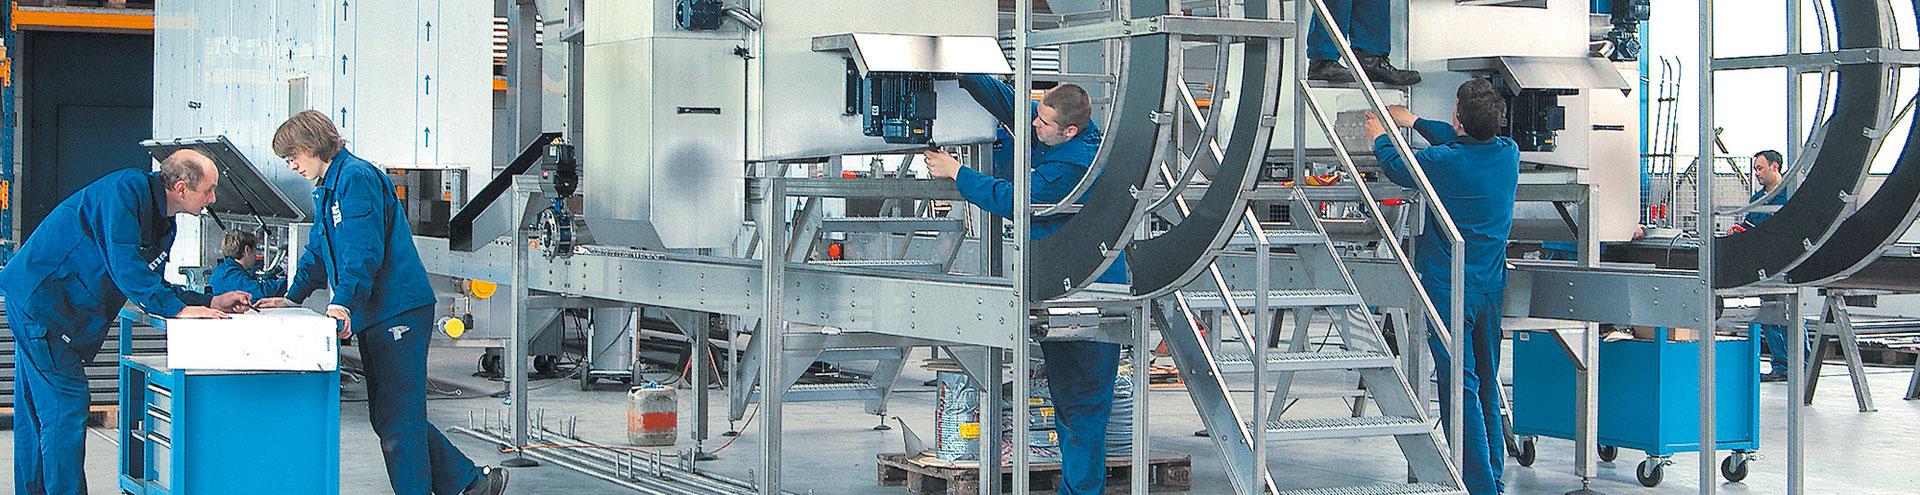 Working at BOHRER Maschinenbau in Regenstauf, Bavaria